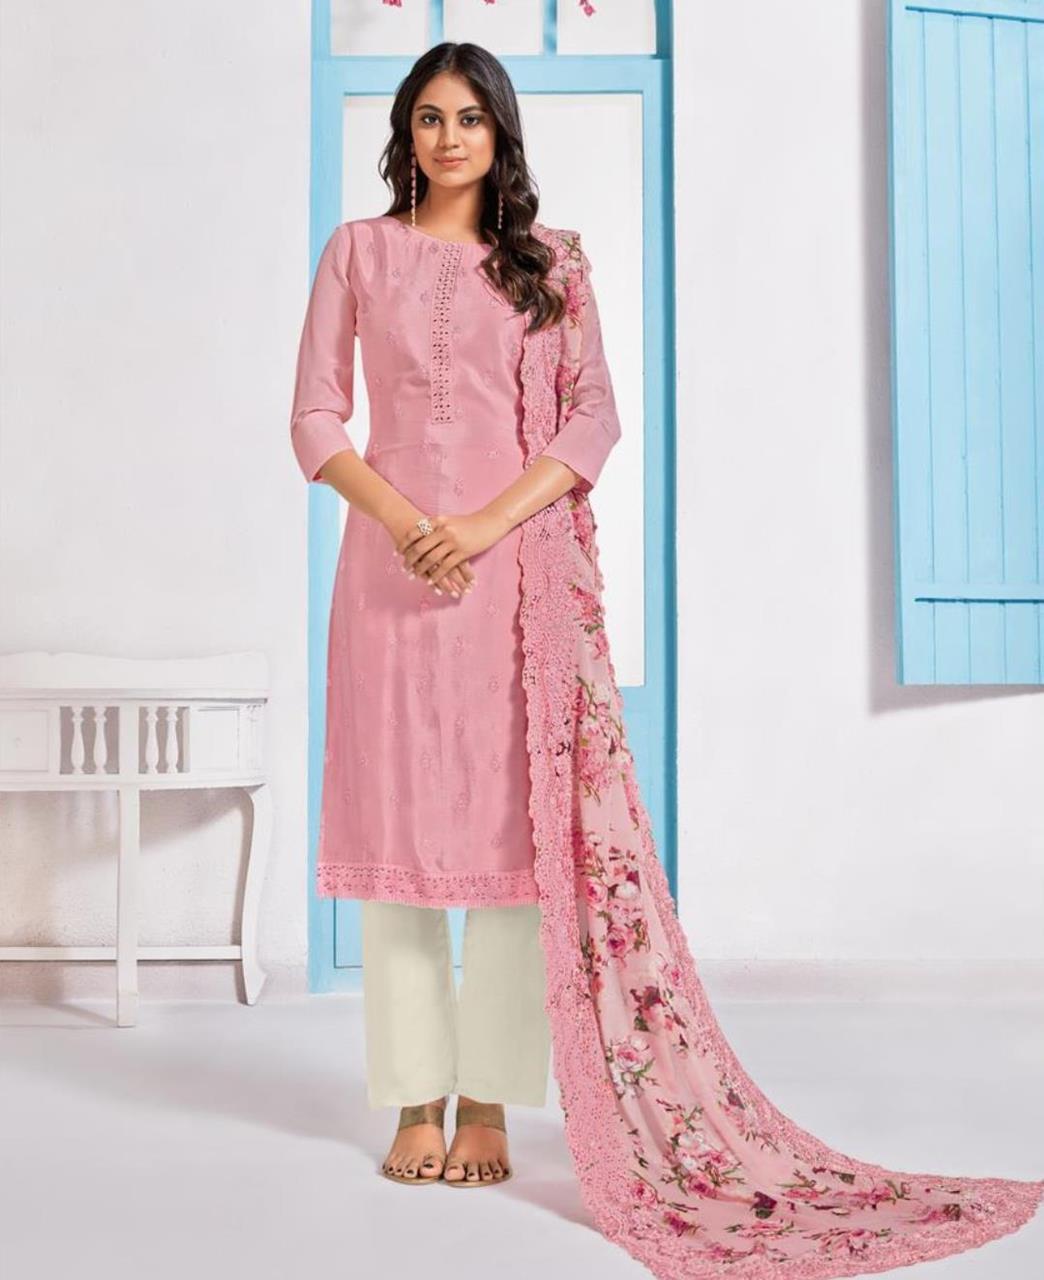 Printed Crepe Straight cut Salwar Kameez in Light Pink